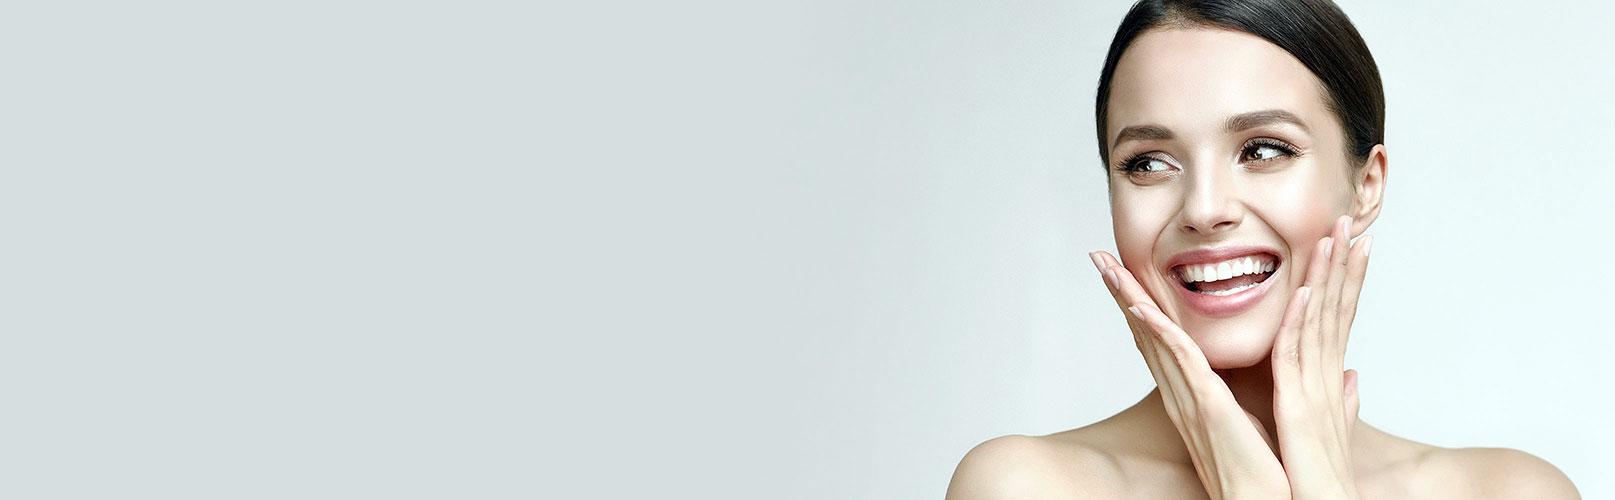 Le lipomodelage du visage à Lyon - Chirurgie esthétique | Dr Corniglion